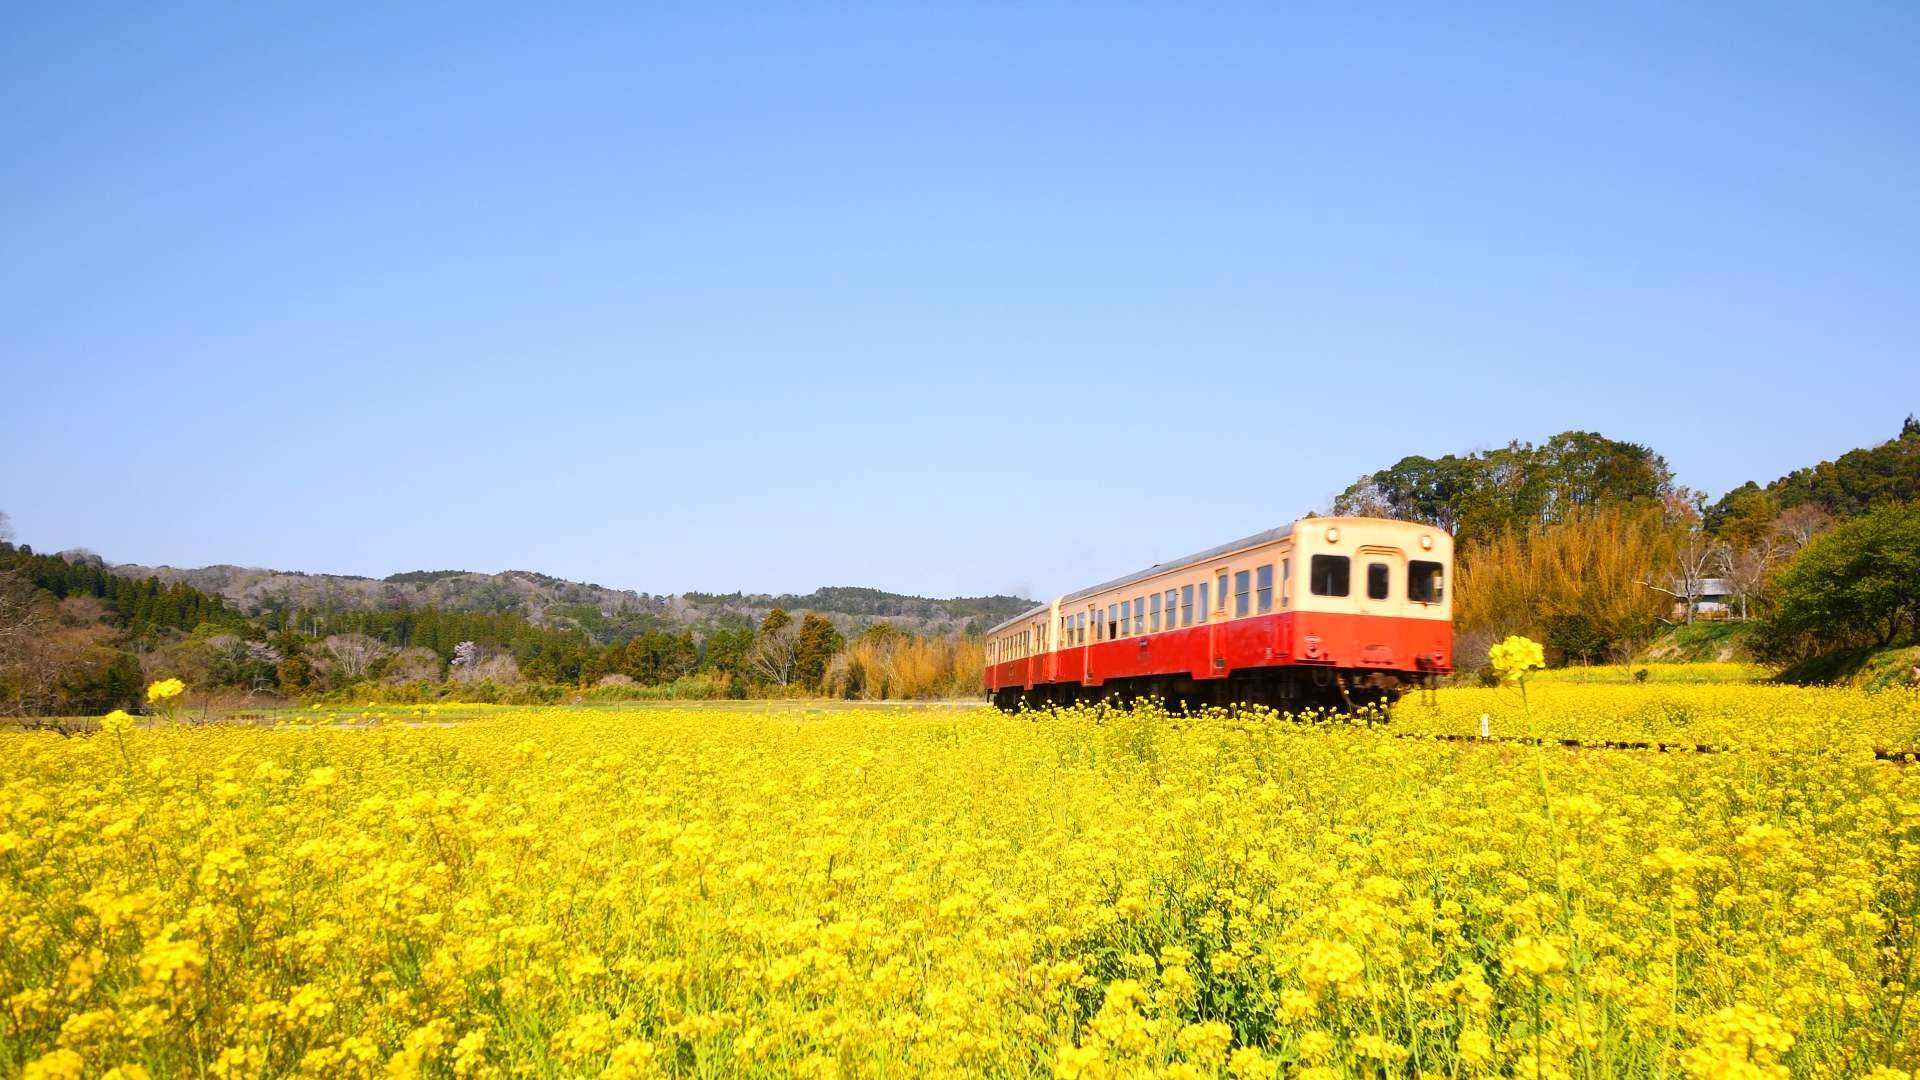 小湊鐵道・いすみ鉄道 彩りの春【HealingBlueAir】